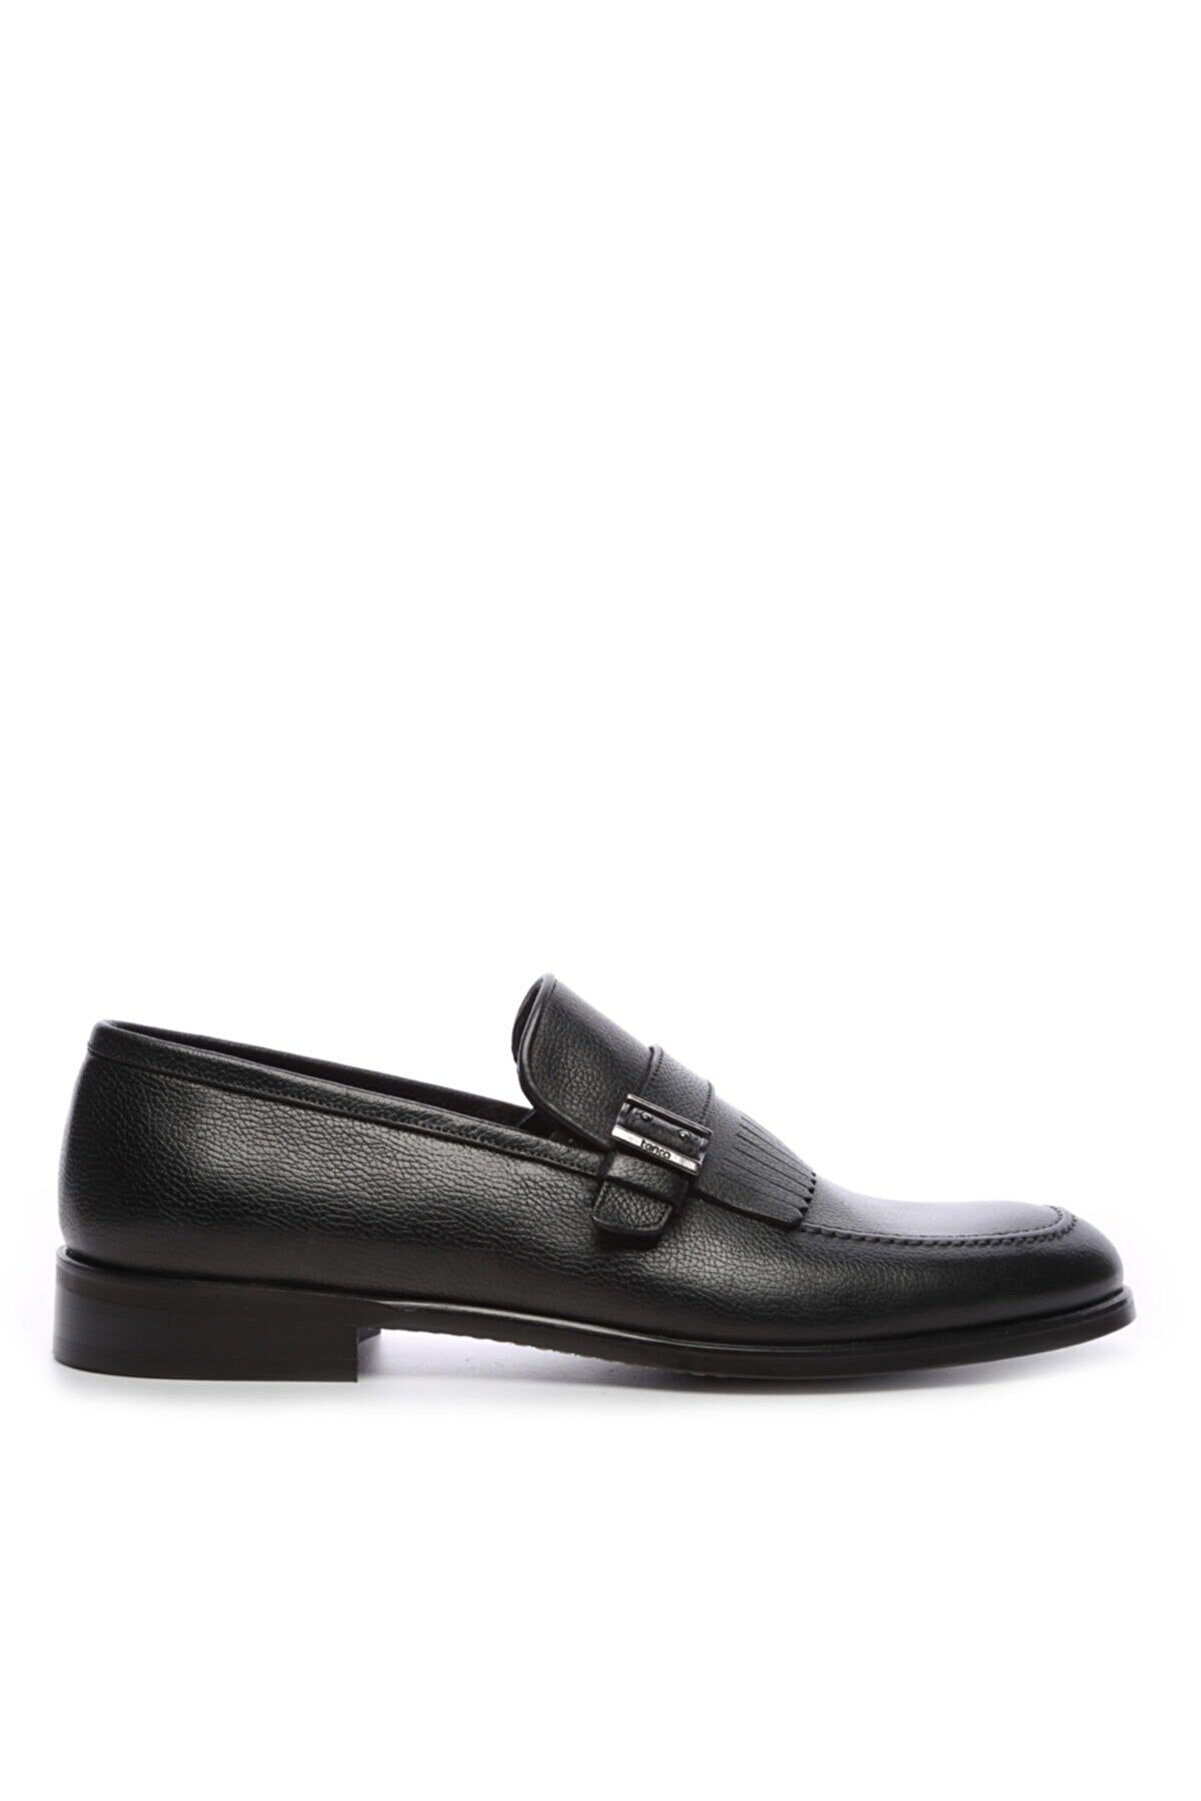 Kemal Tanca Erkek Derı Klasik Ayakkabı 708 8902 Mc Erk Ayk Sk19-20